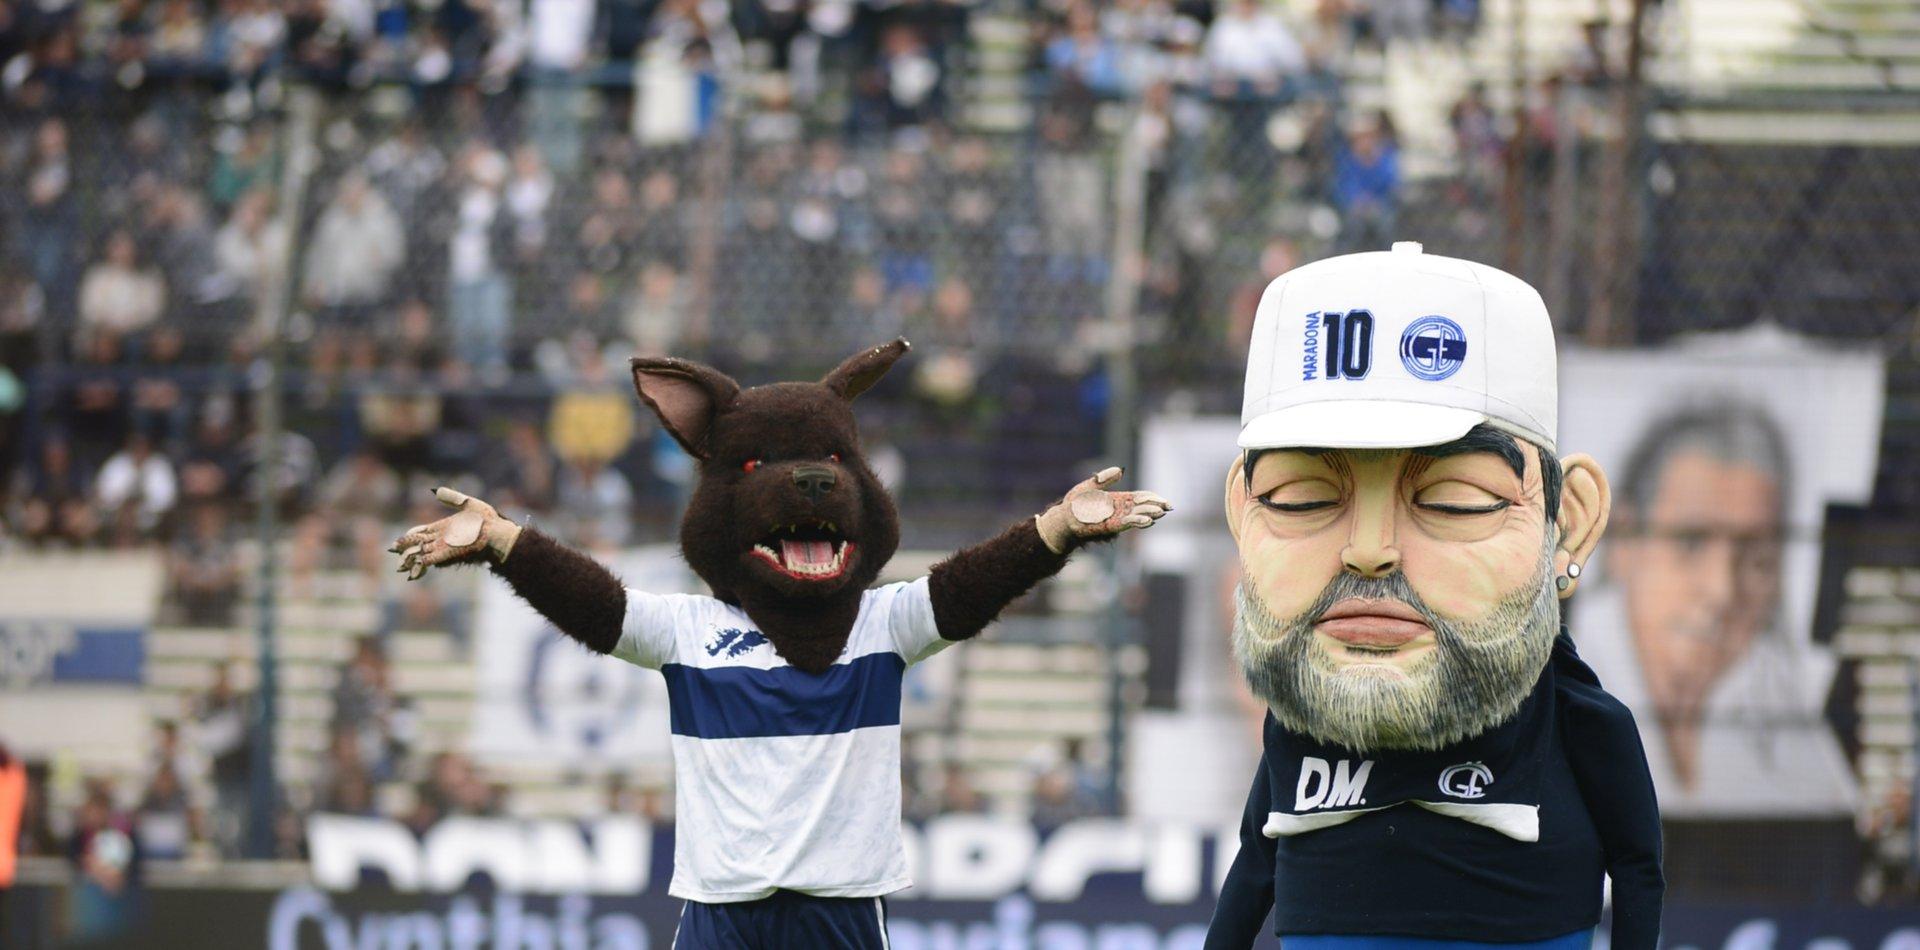 Gimnasia: lluvia de memes por el muñeco de Diego Maradona que apareció en el Bosque